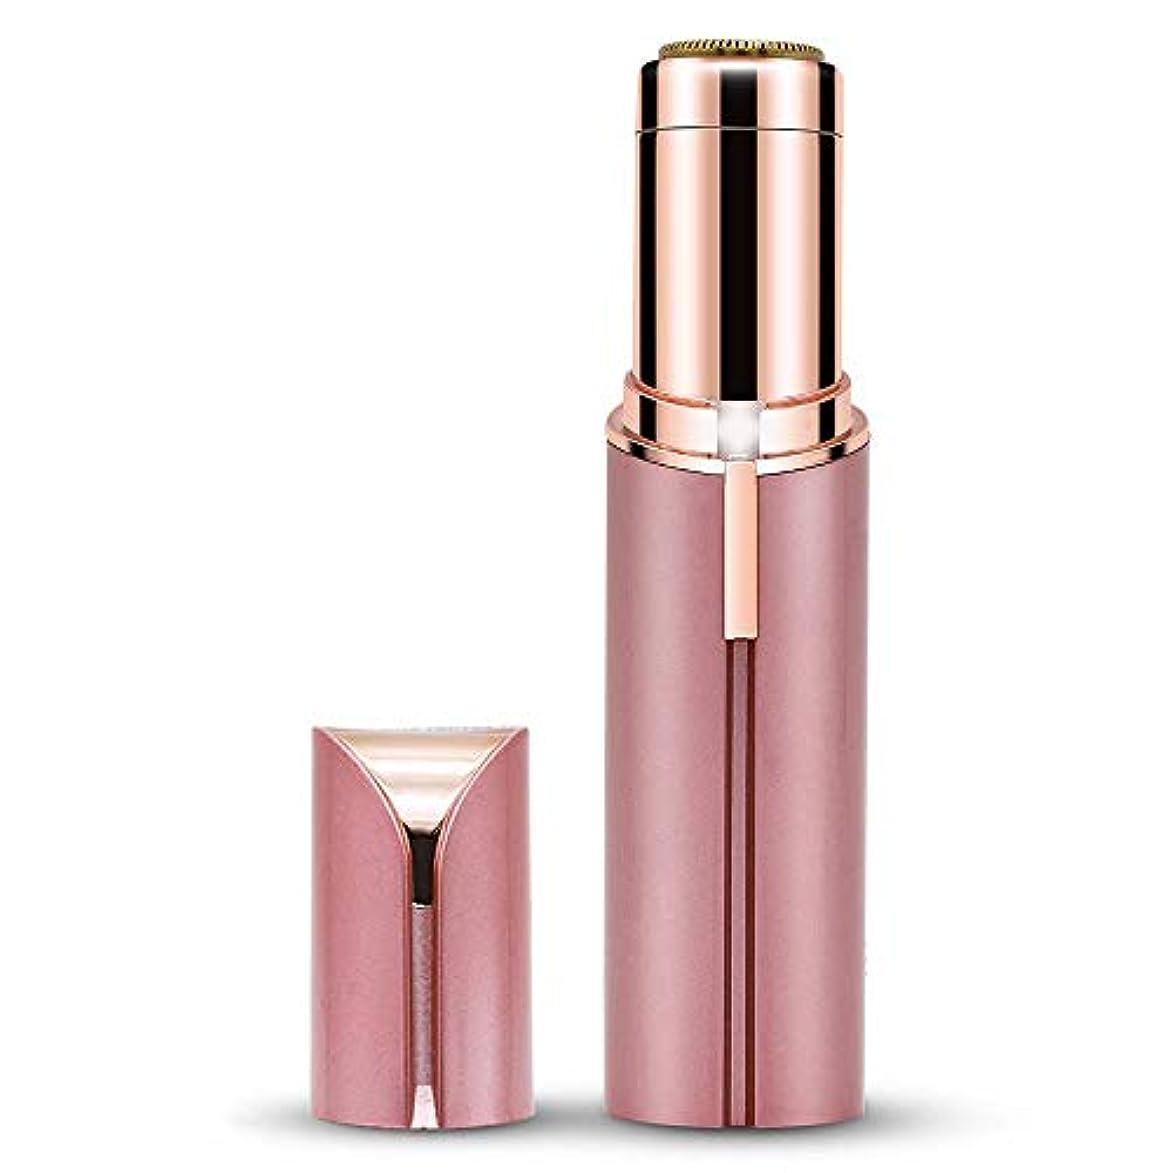 ロッカールームパノラマレディースシェーバー 電動 フェイスシェーバー 脱毛器 USB充電式 女性 顔剃り 回転式 女性除毛器 携帯便利 ピンク